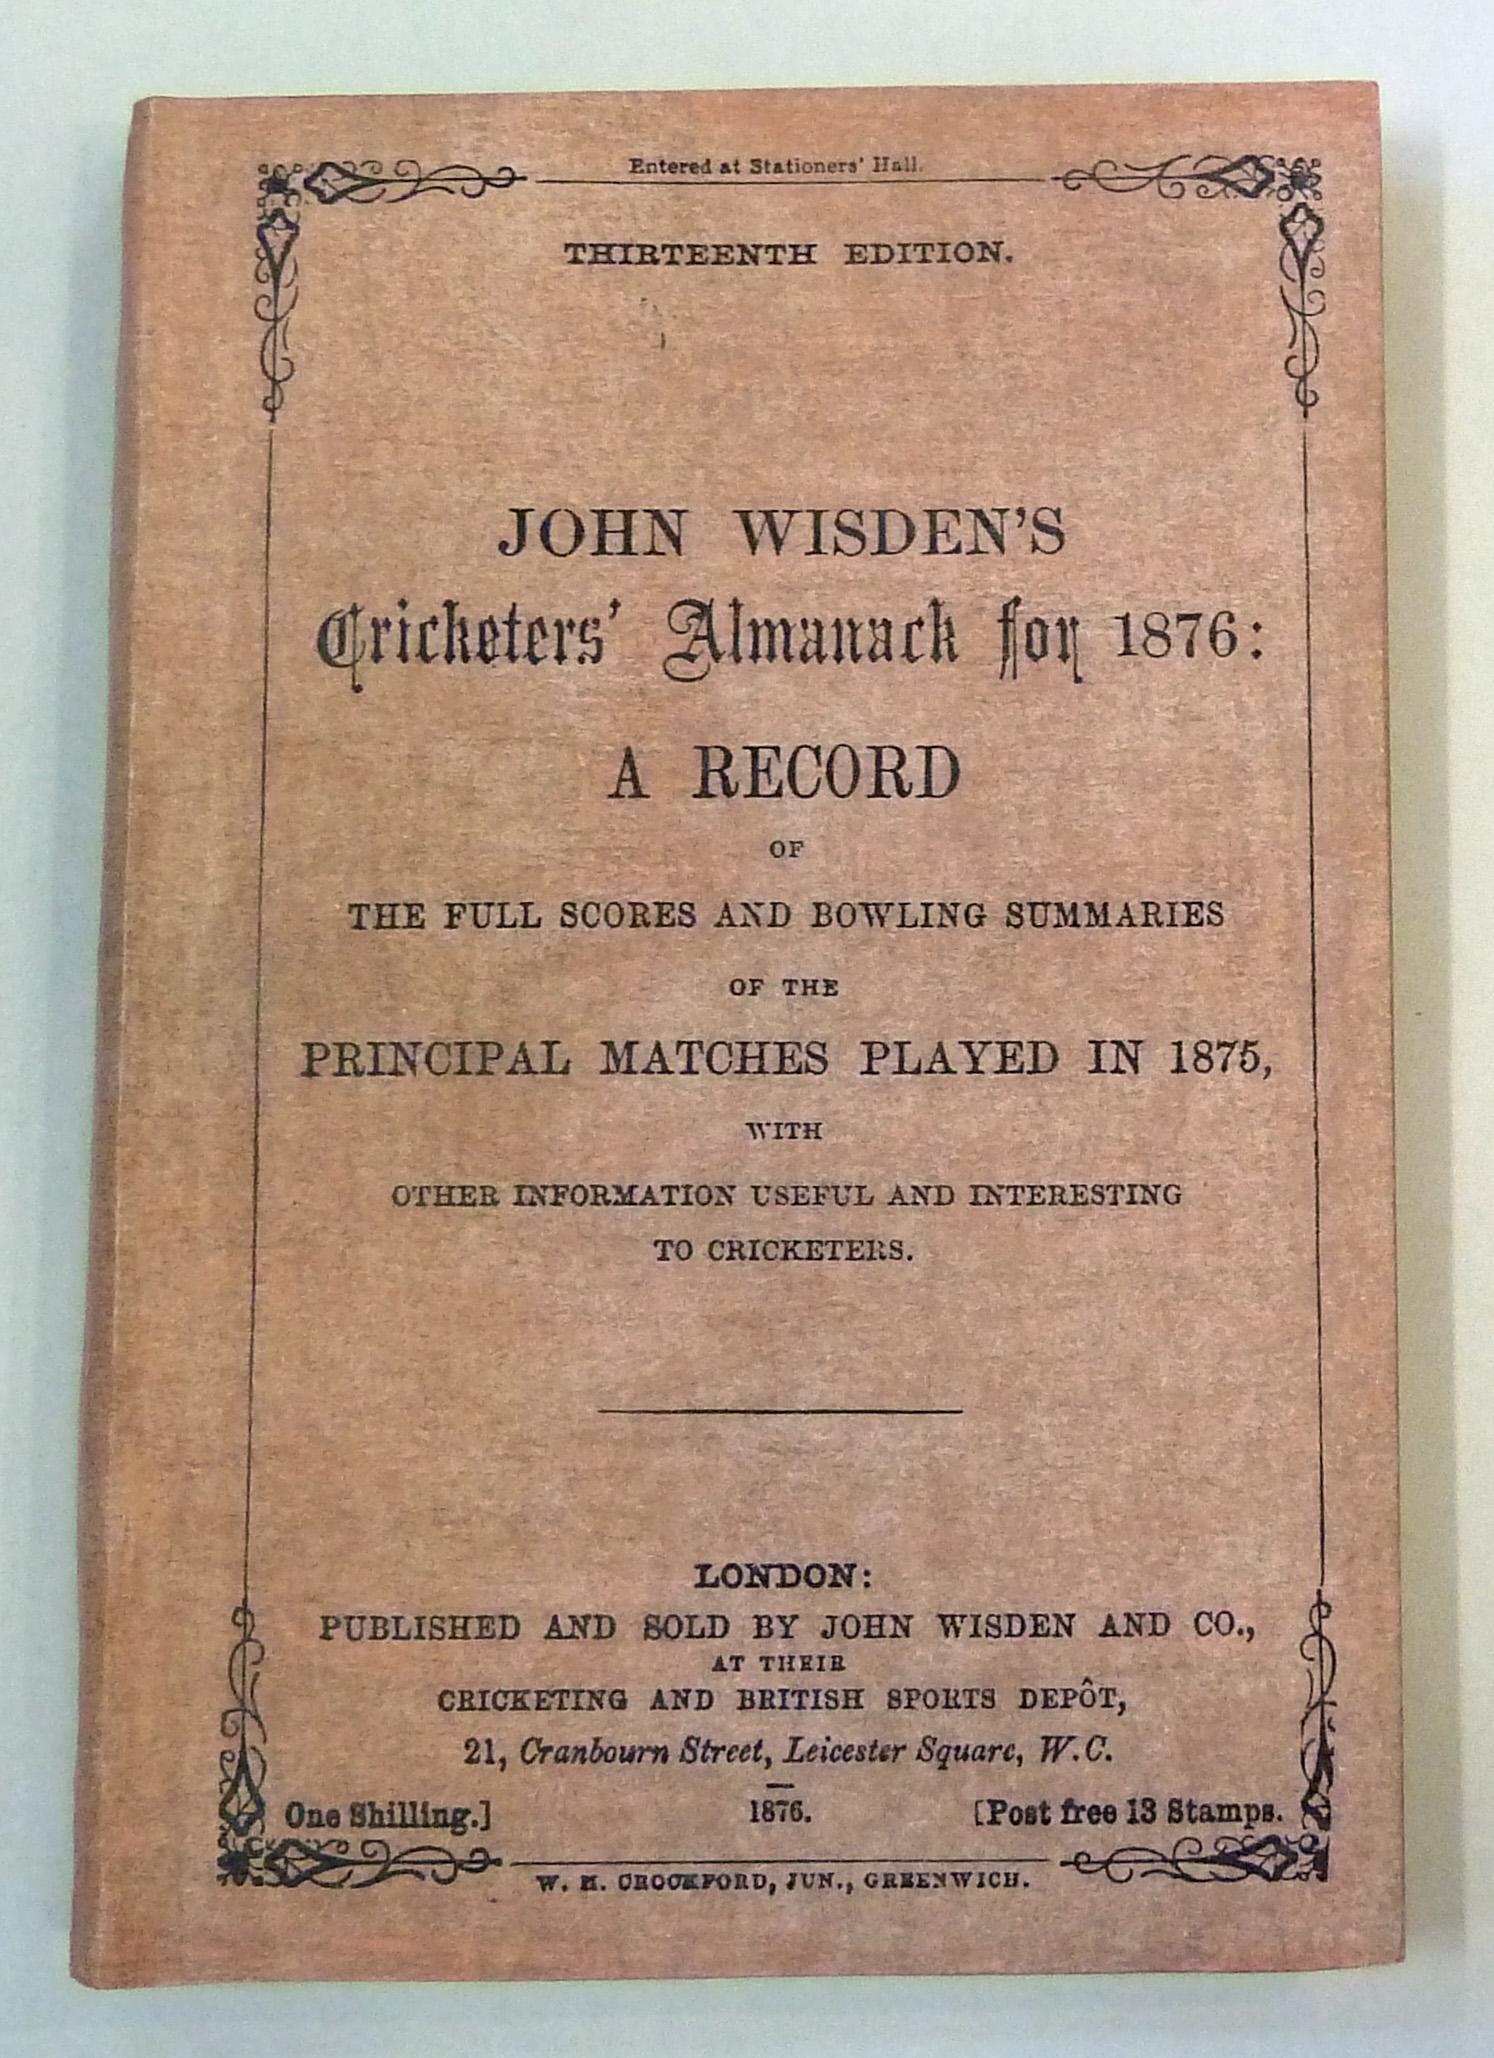 John Wisden's Cricketers' Almanack for 1876